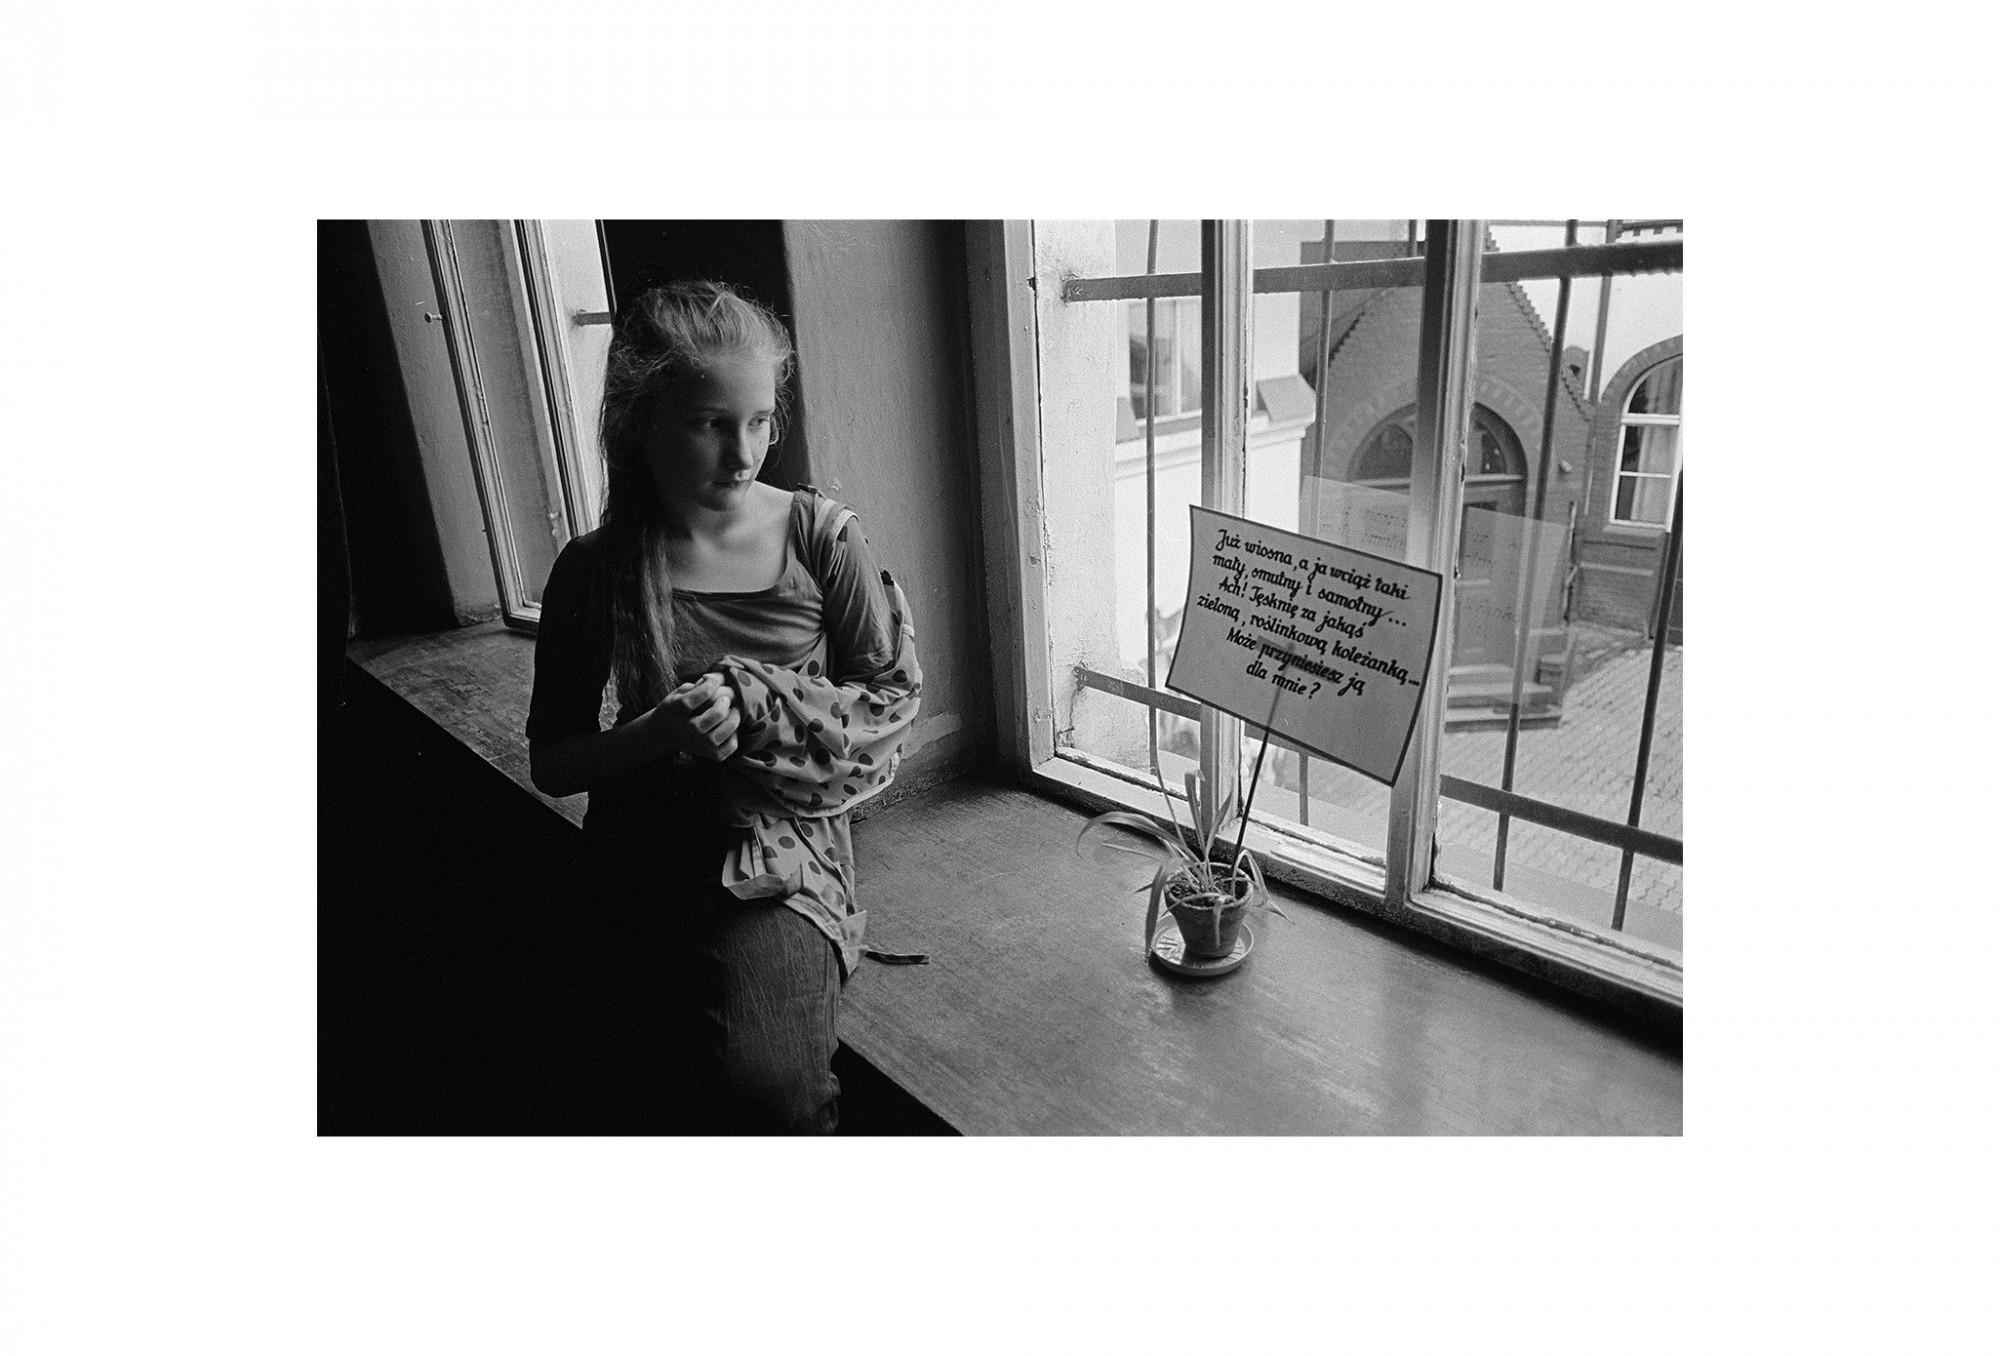 Afbeelding: Uit de reeks : Polen, een kast op glazen poten, 94-07-13, Wroclaw, © Dominique Van Huffel.